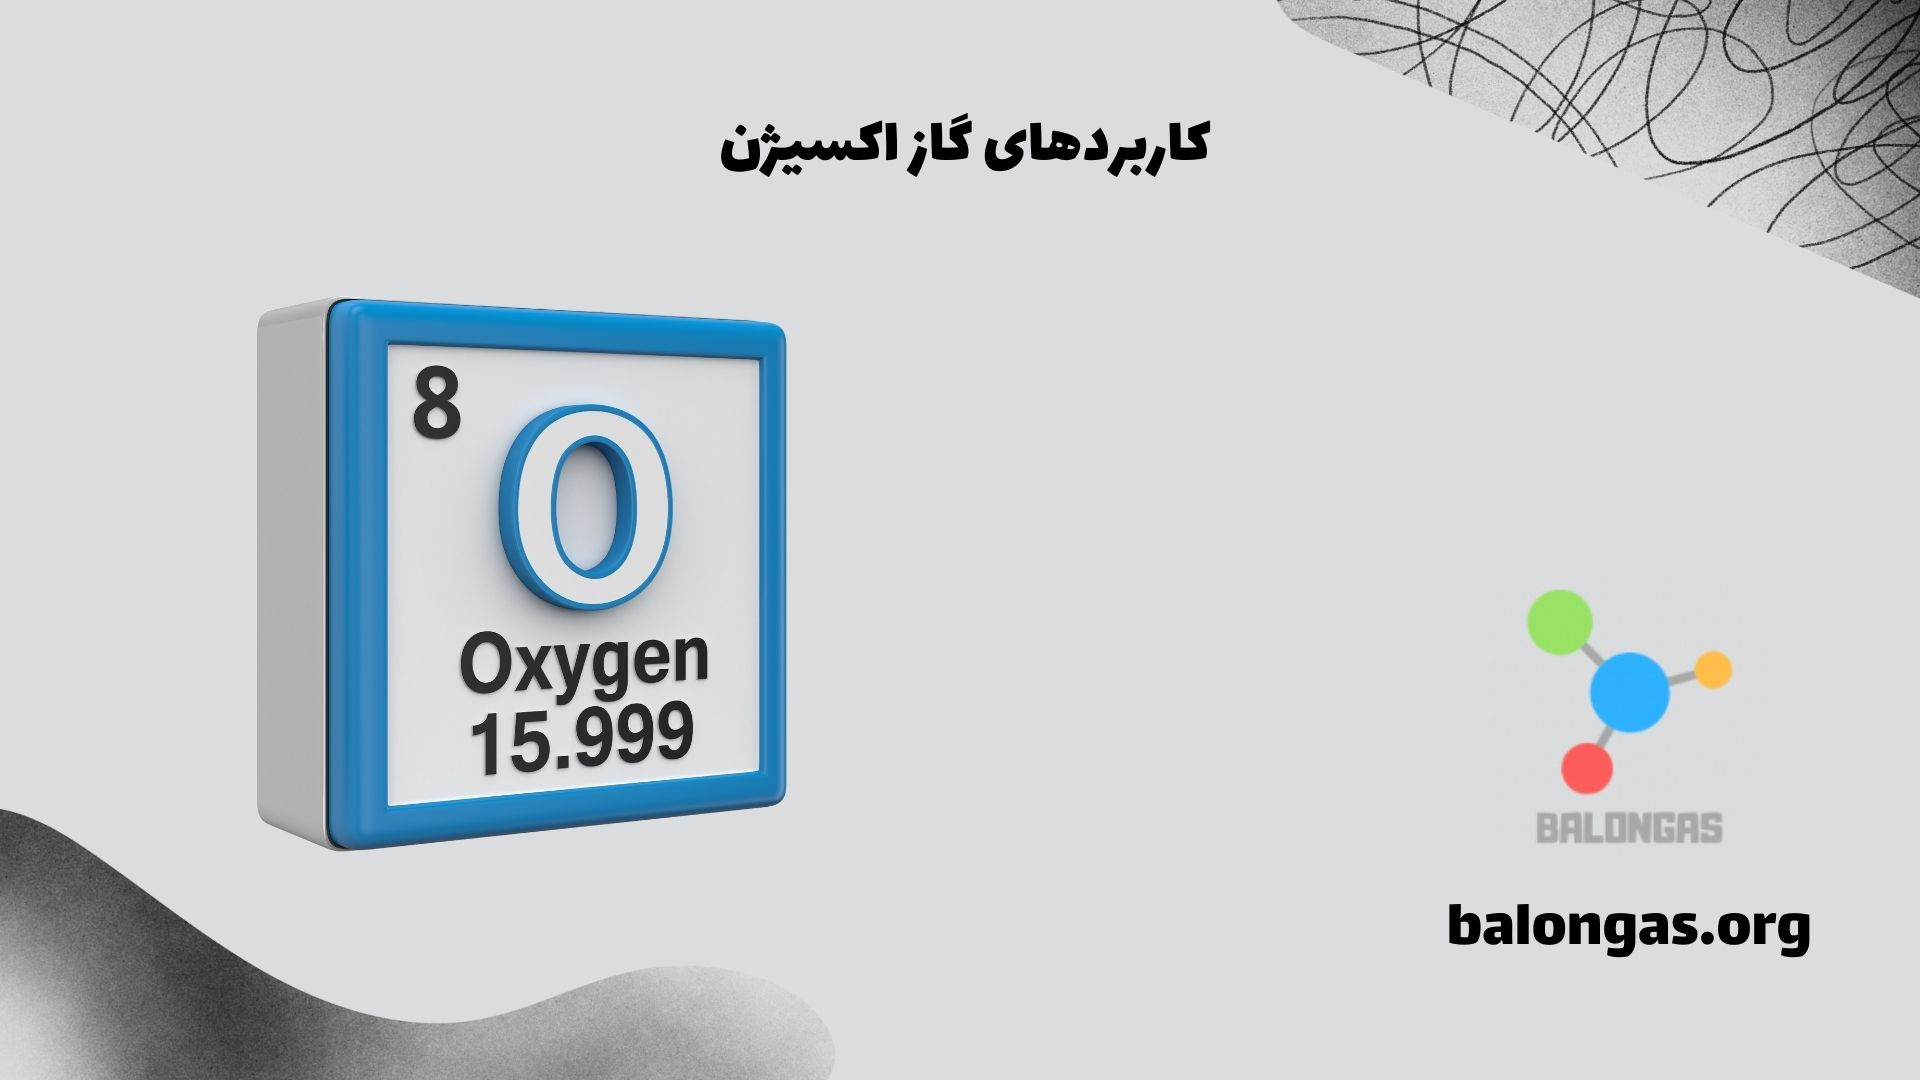 کاربردهای گاز اکسیژن